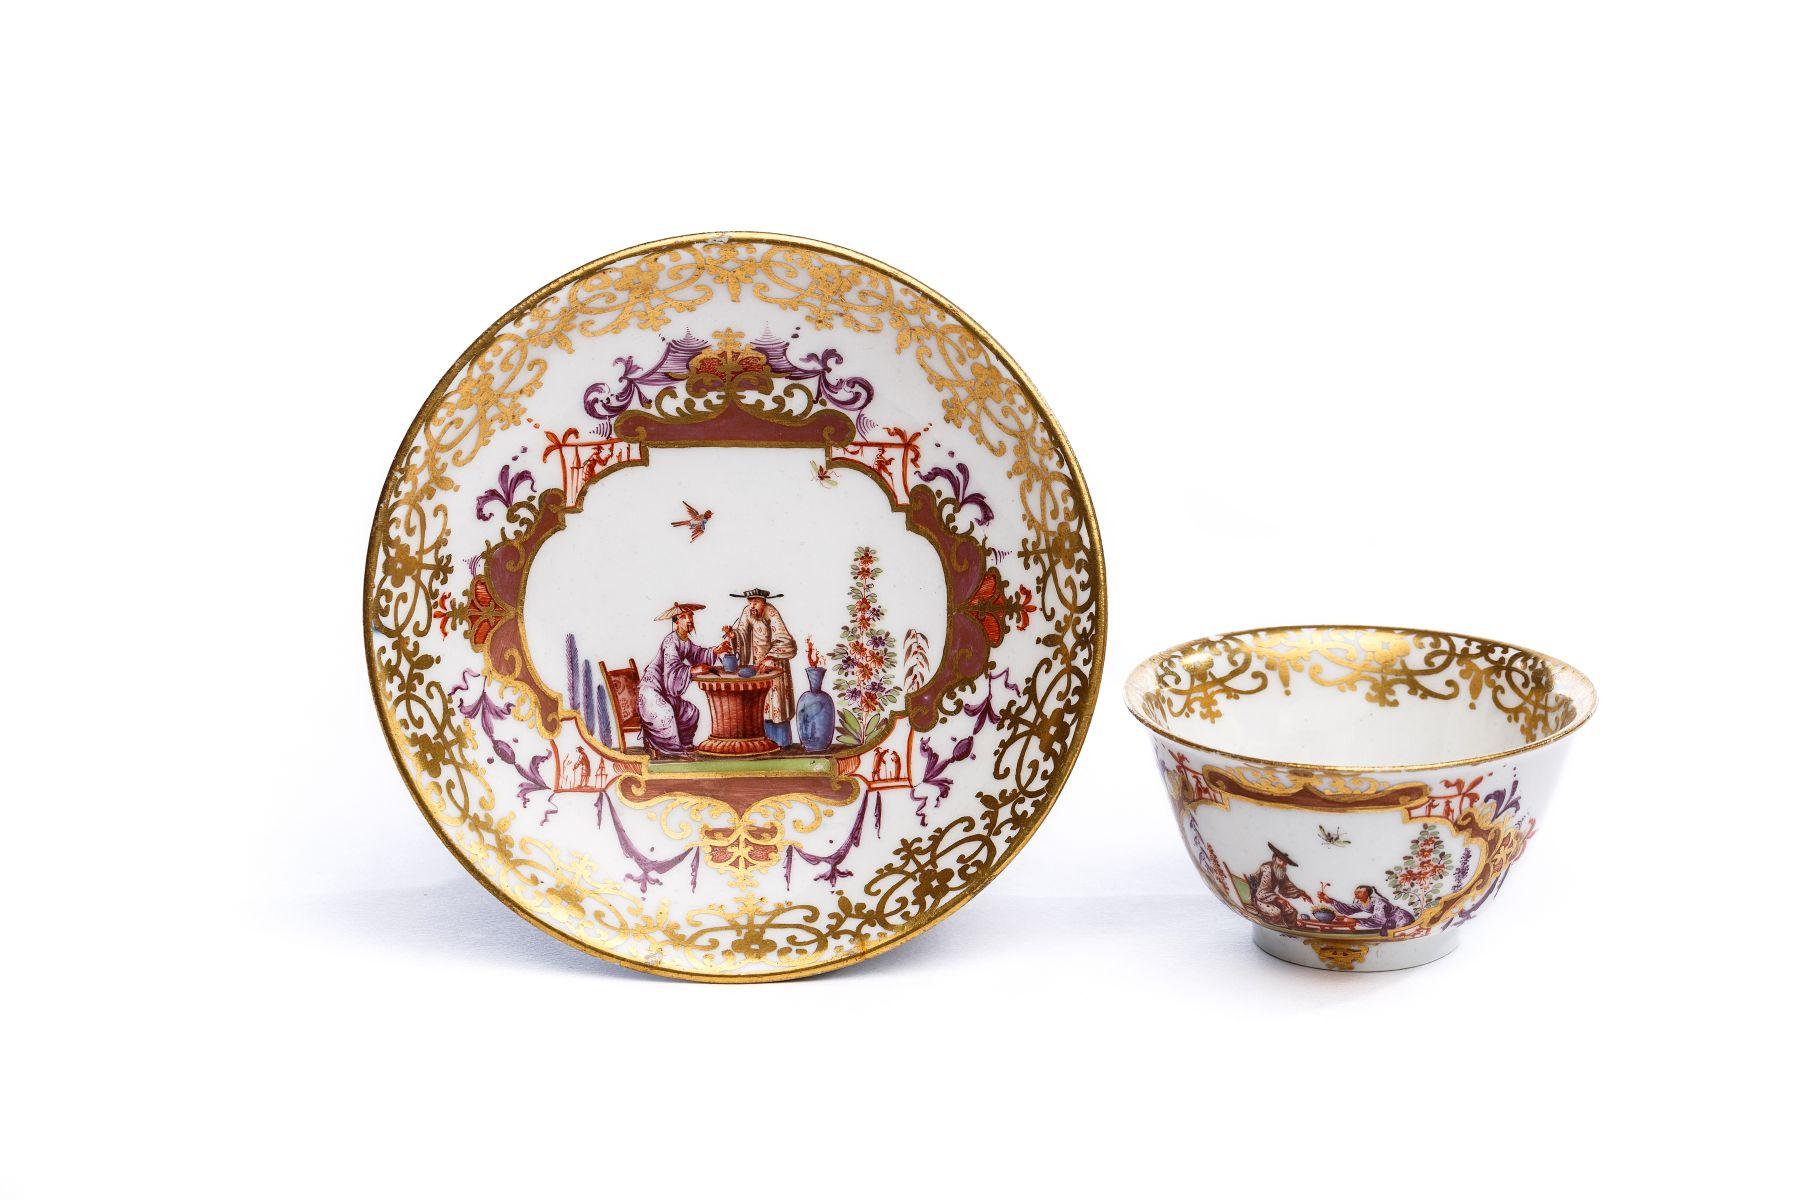 #23 Bowl with Saucer, Meissen 1725   Koppchen mit Unterschale, Meissen 1725 Image